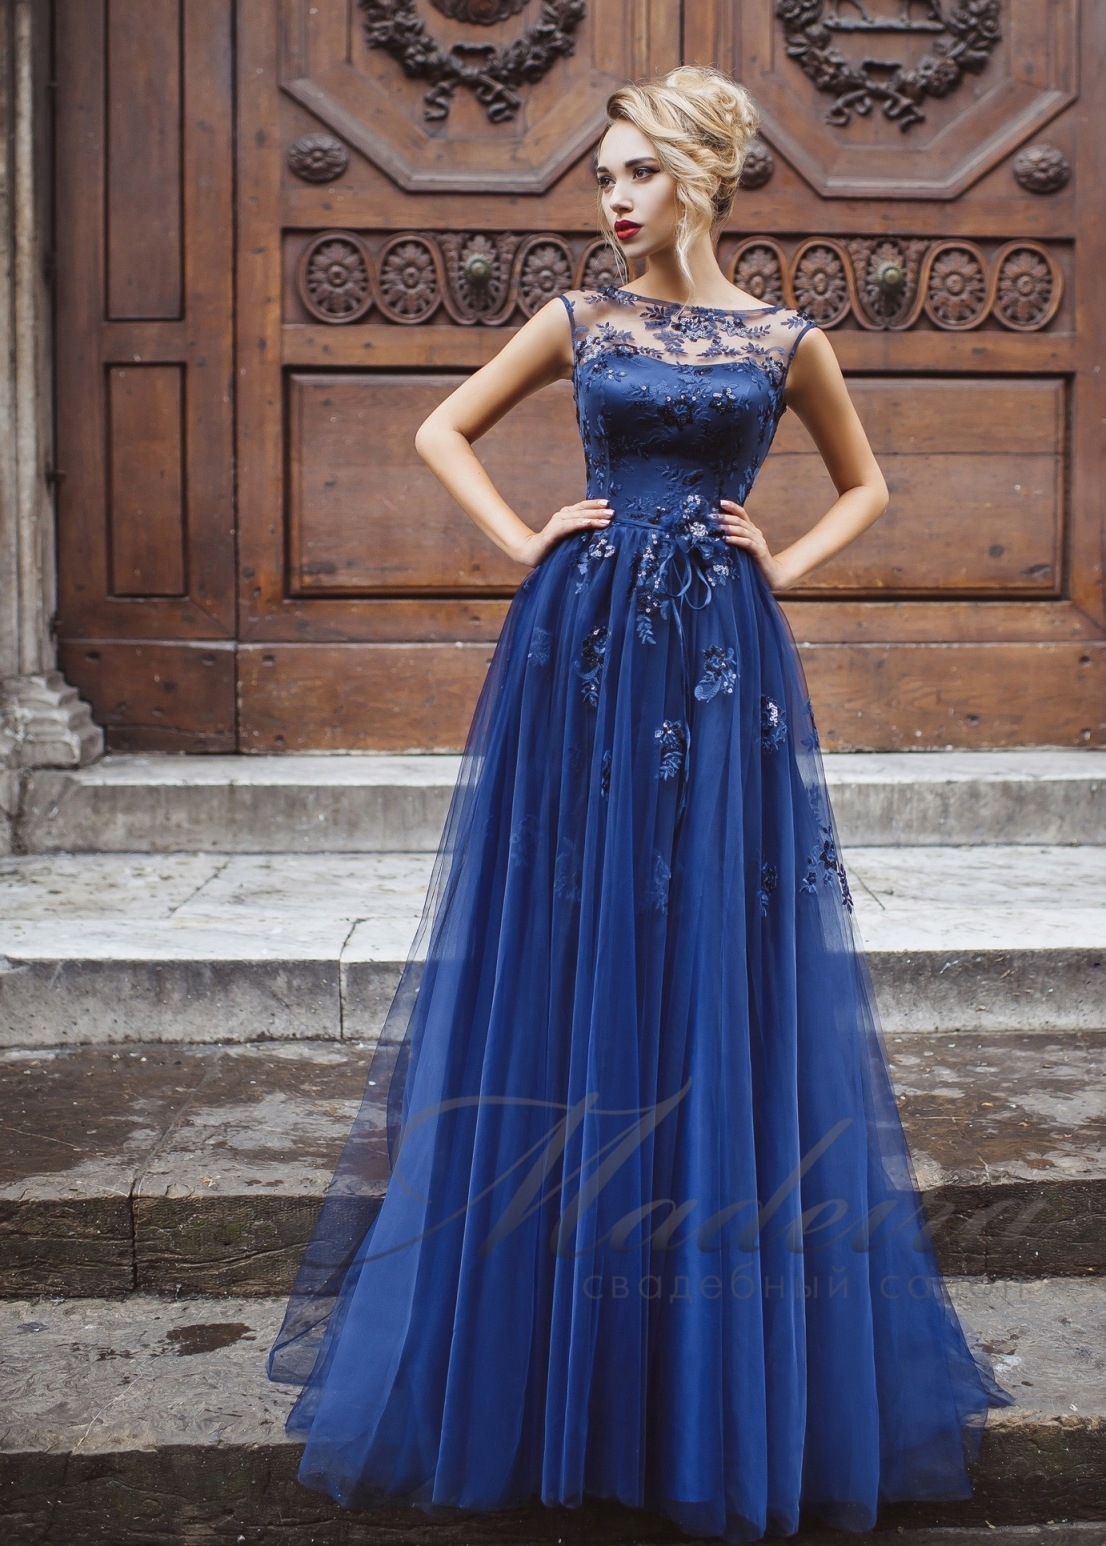 Платья на выпускной - Блог Свадебного салона Мадейра Киев Платья на Выпускной Короткие Пышные